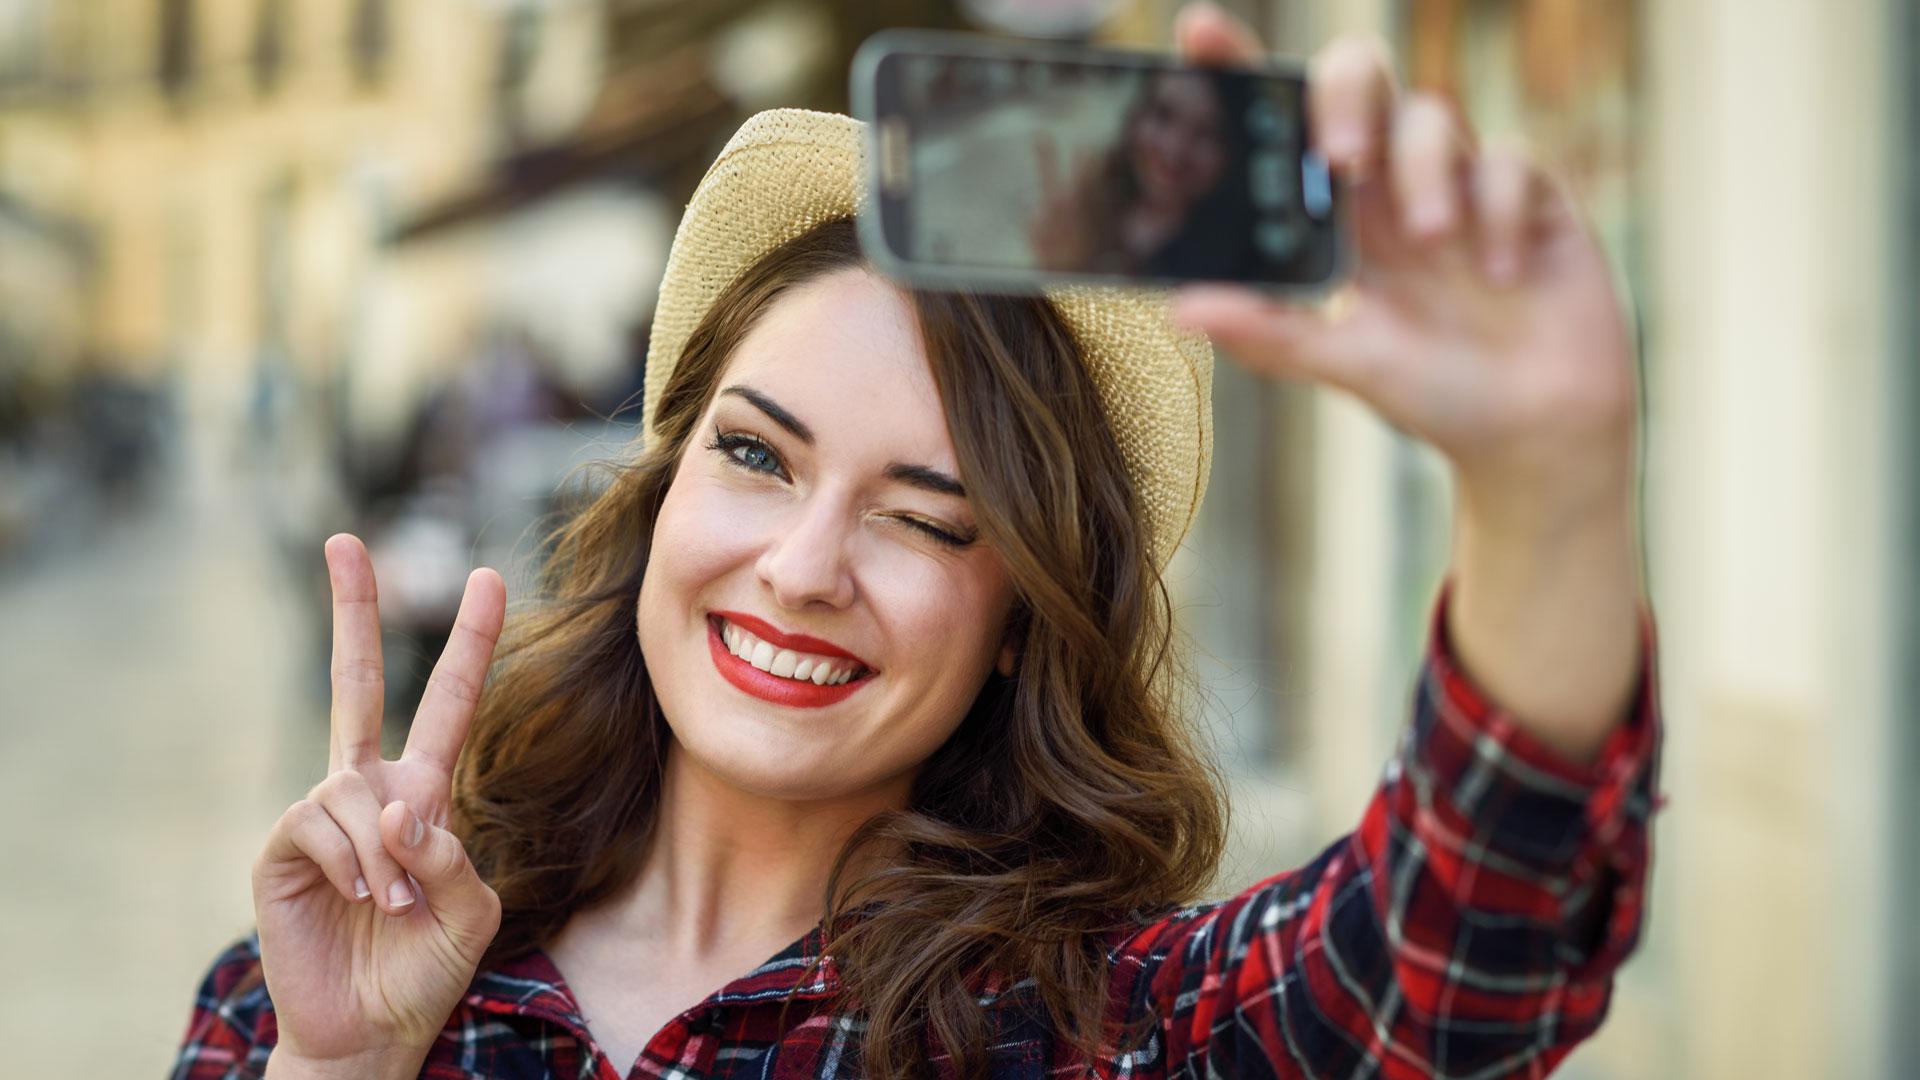 Las selfies podrían destruir la confianza de una pareja (iStock)